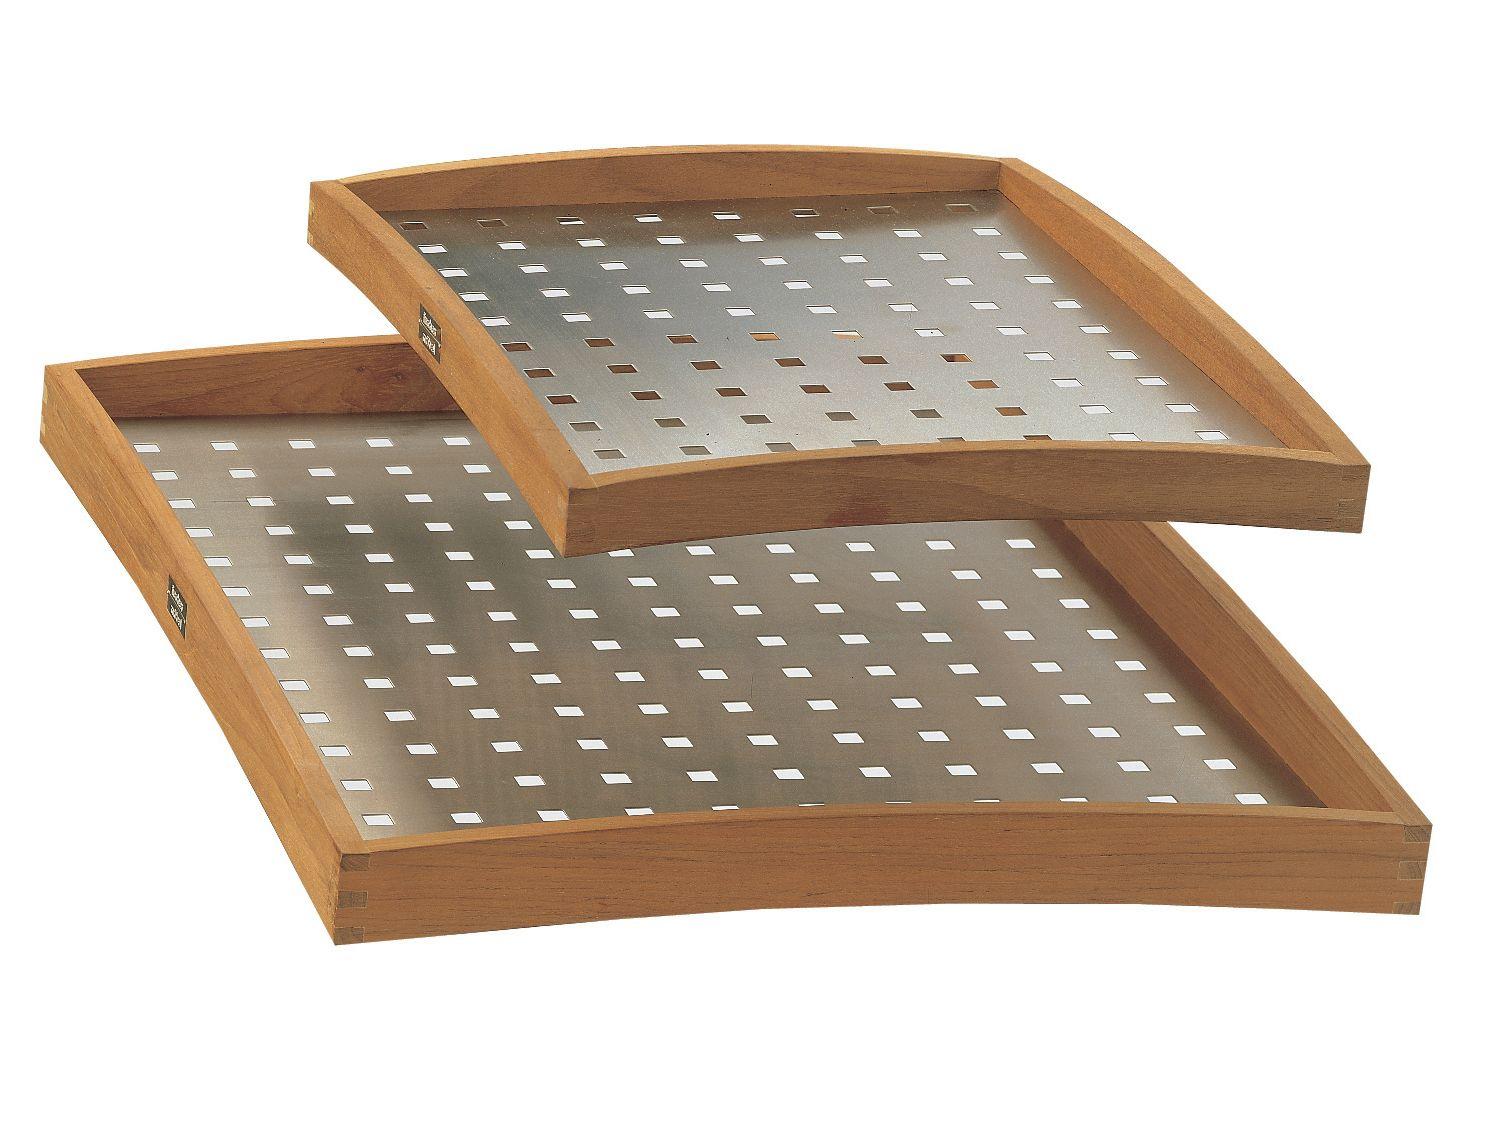 Tavolino Vassoio ~ Tavolino vassoio in legno collezione teak classic by fischer